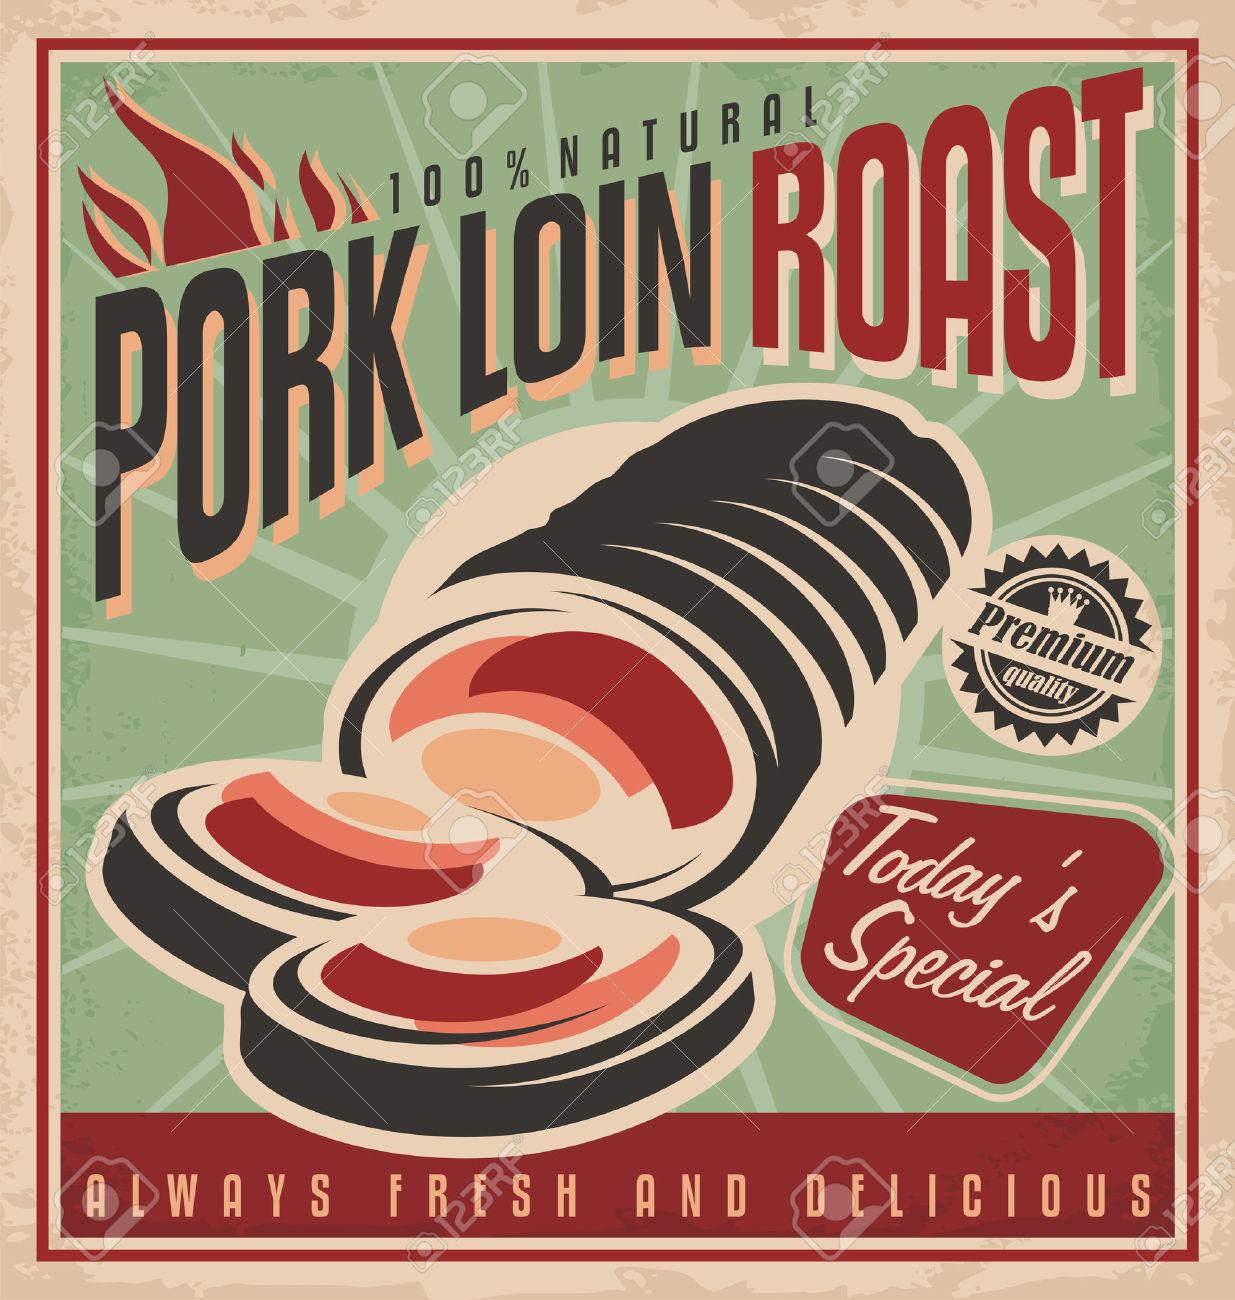 Pork roast clip art.